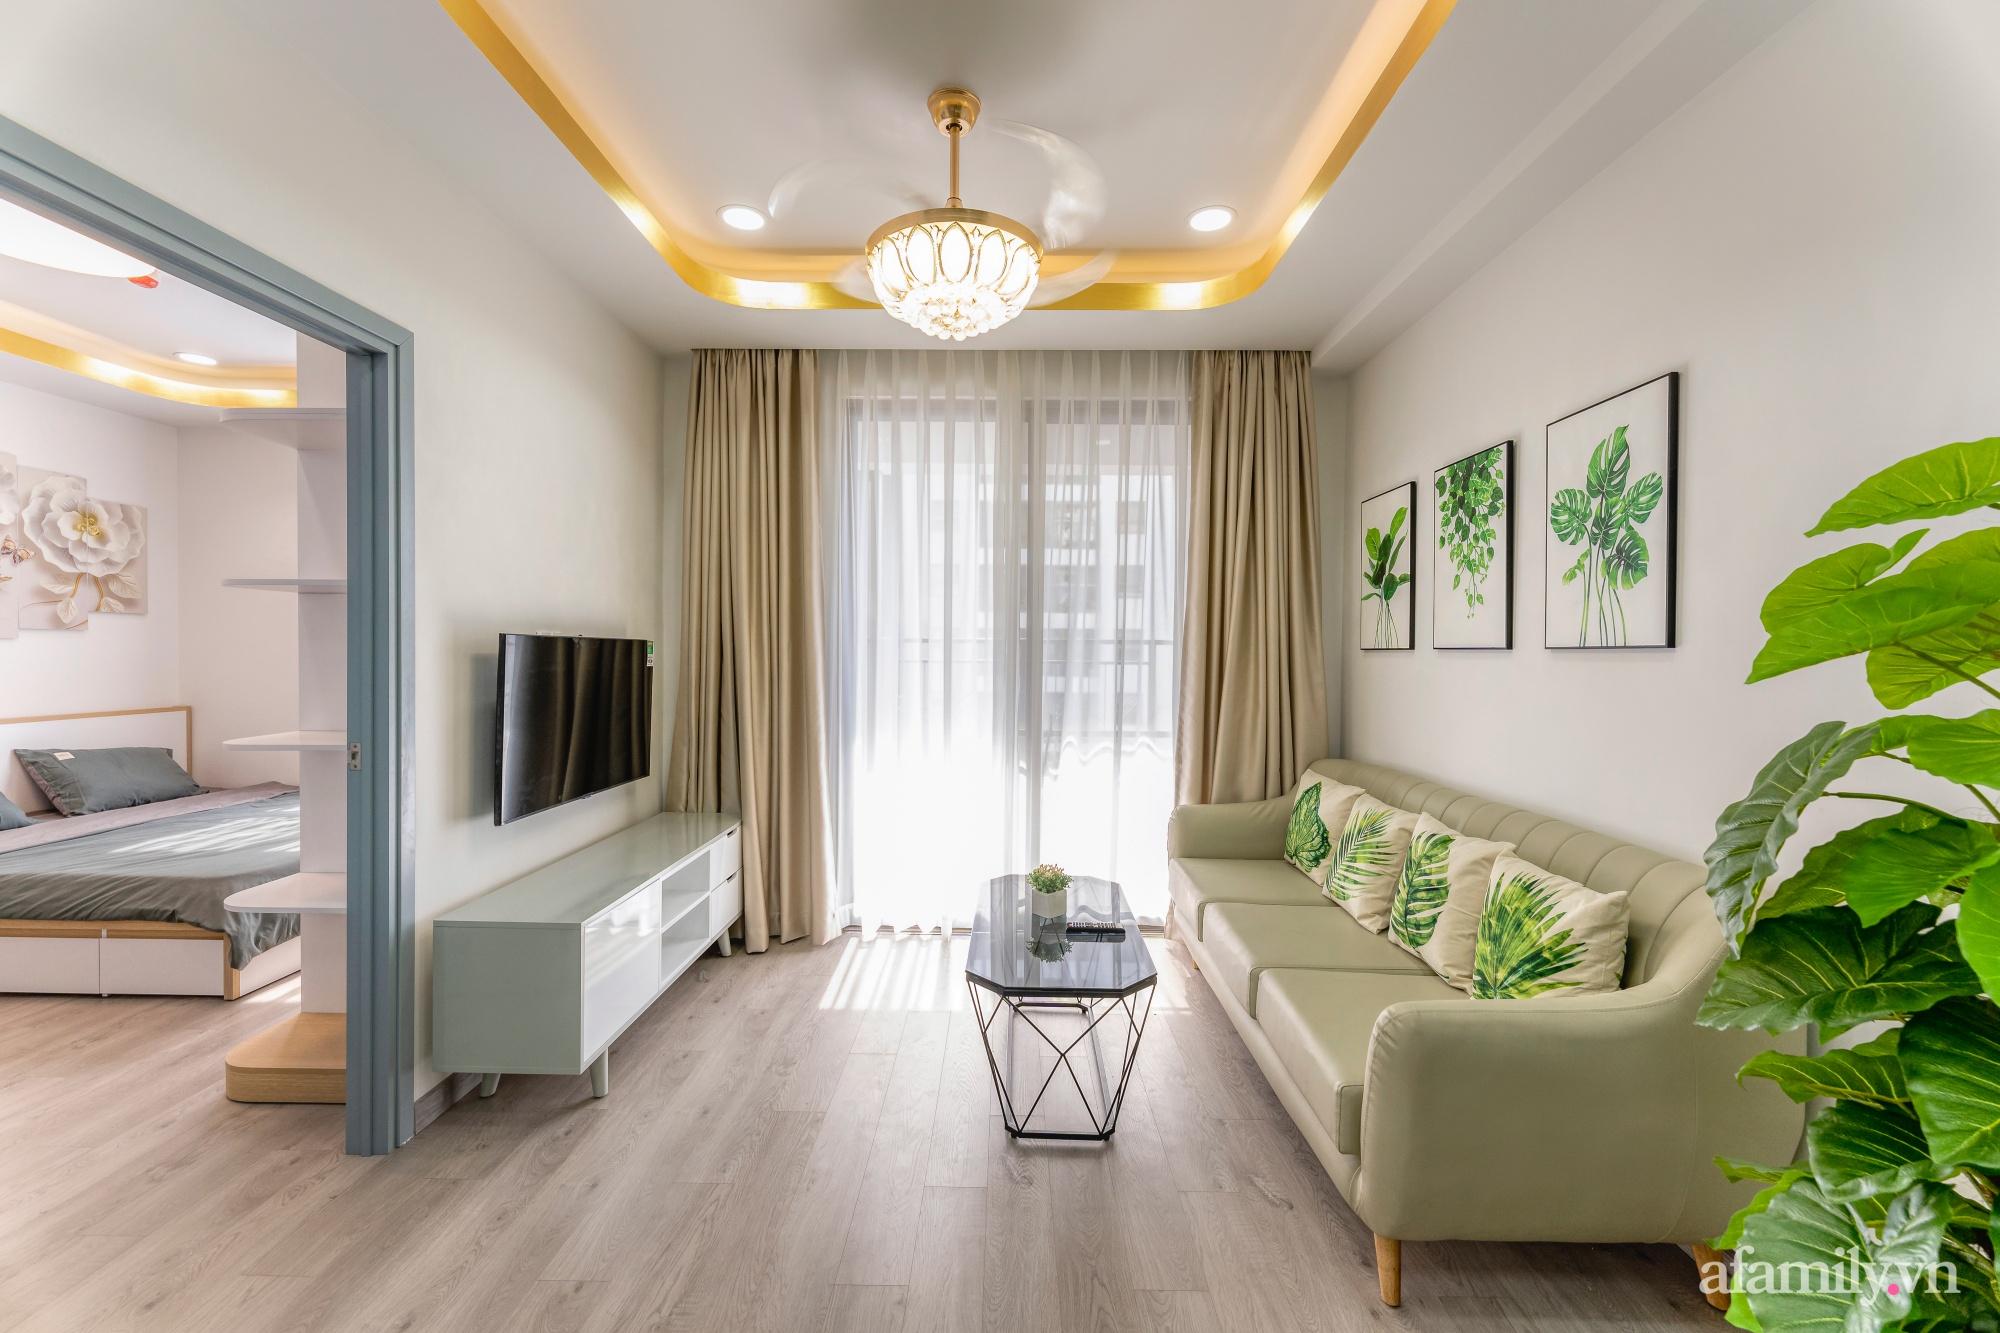 Căn hộ 70m² ghi điểm với không gian thoáng sáng cùng sắc màu gần gũi với thiên nhiên ở Sài Gòn - Ảnh 7.